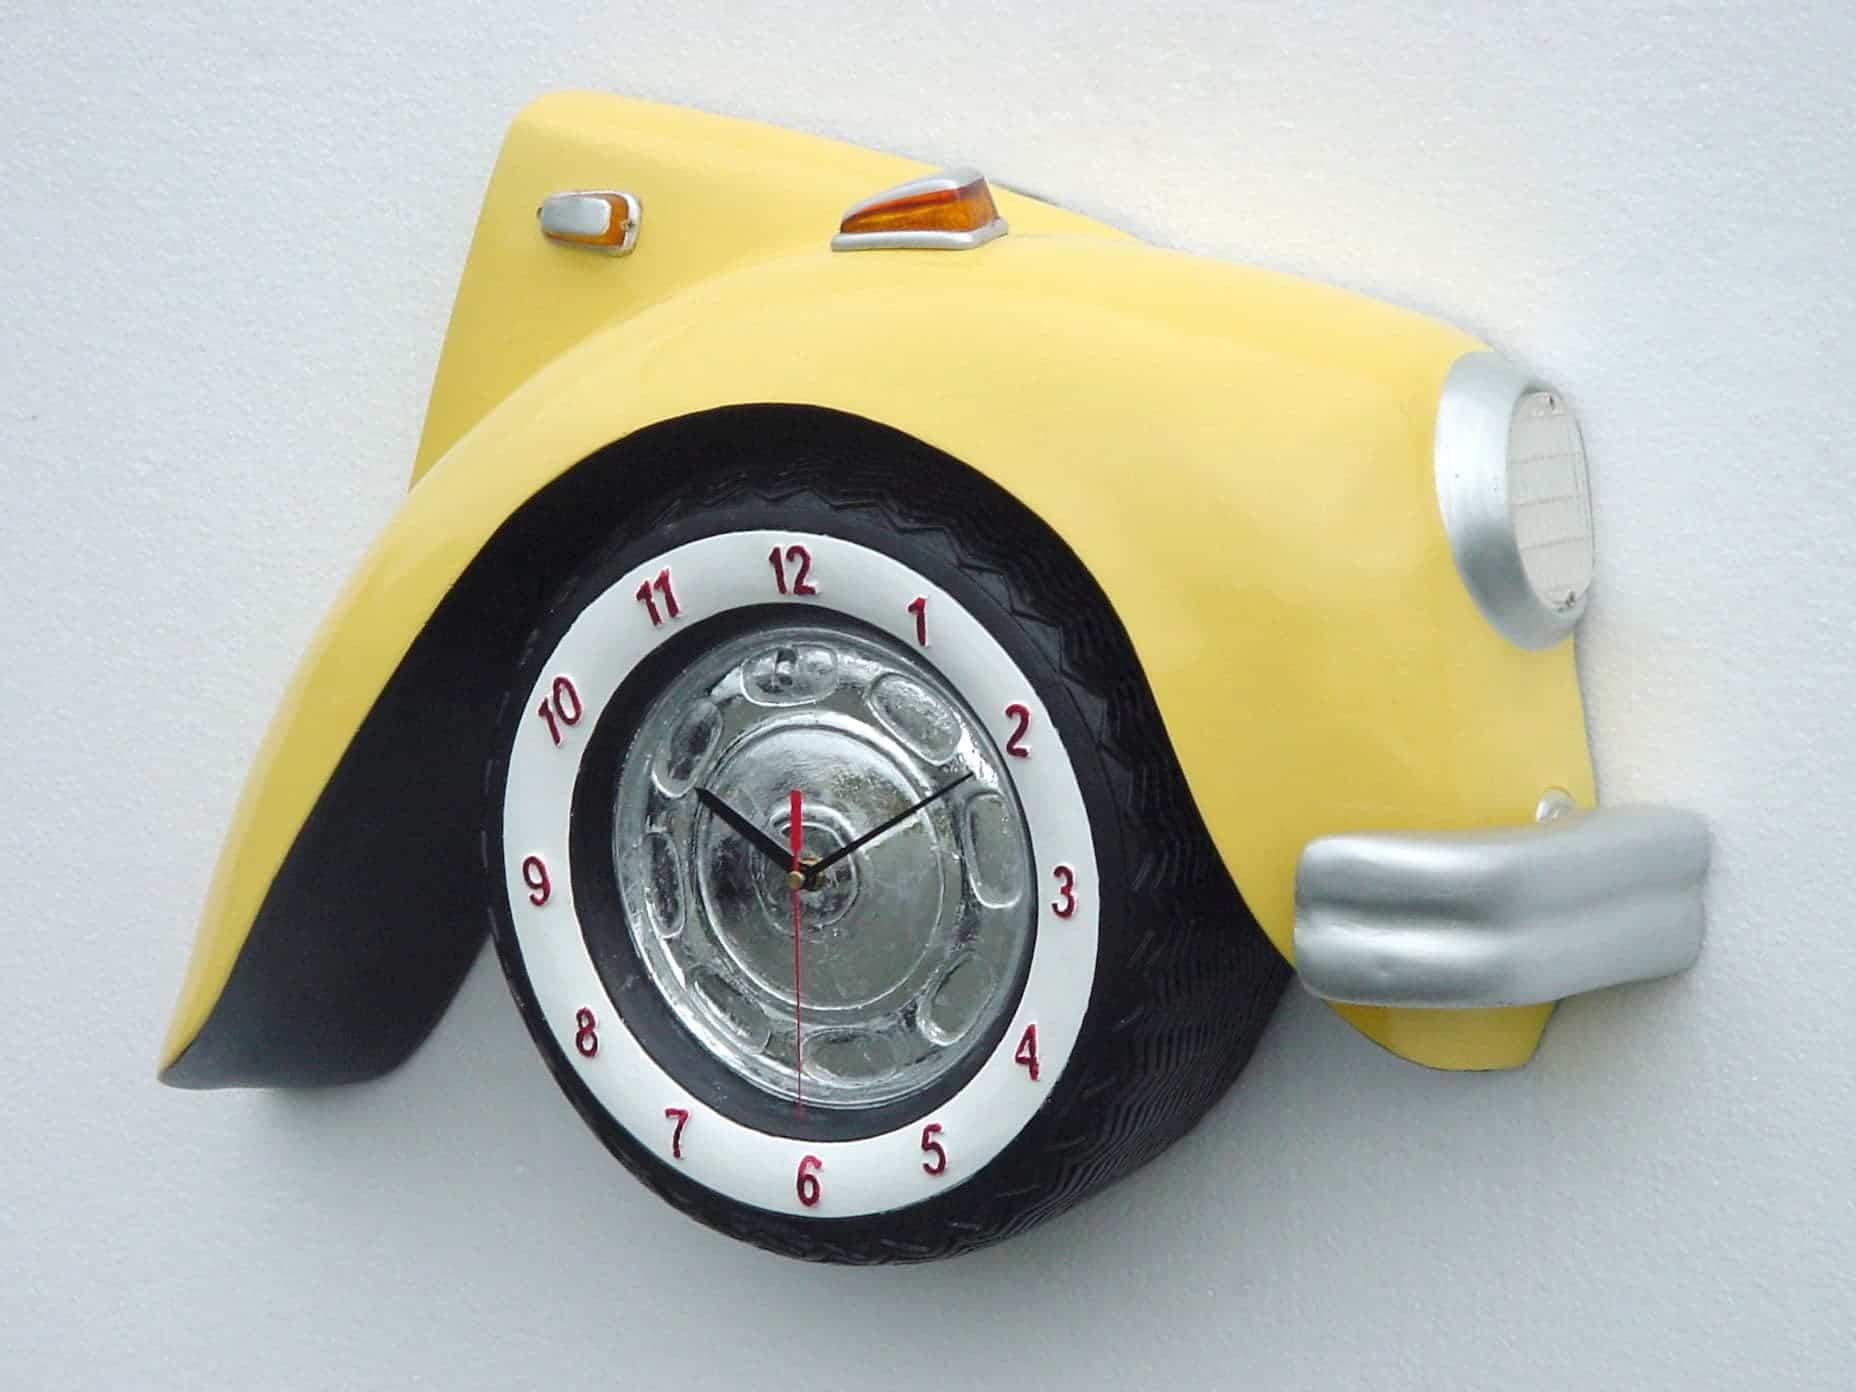 שעון חיפושית